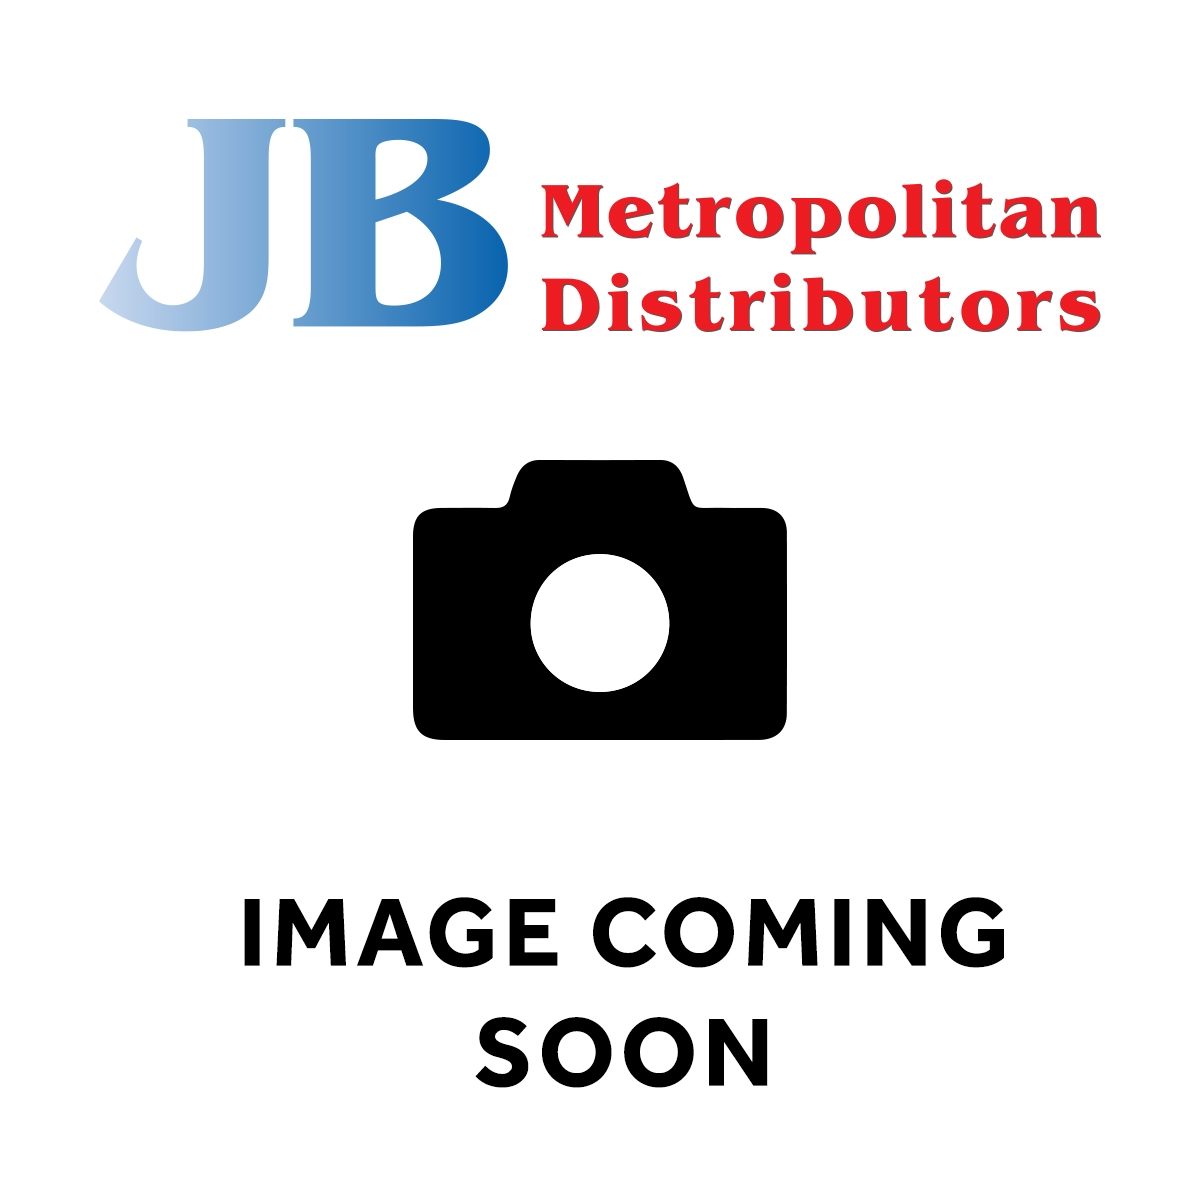 100PK J & J COTTON BUDS